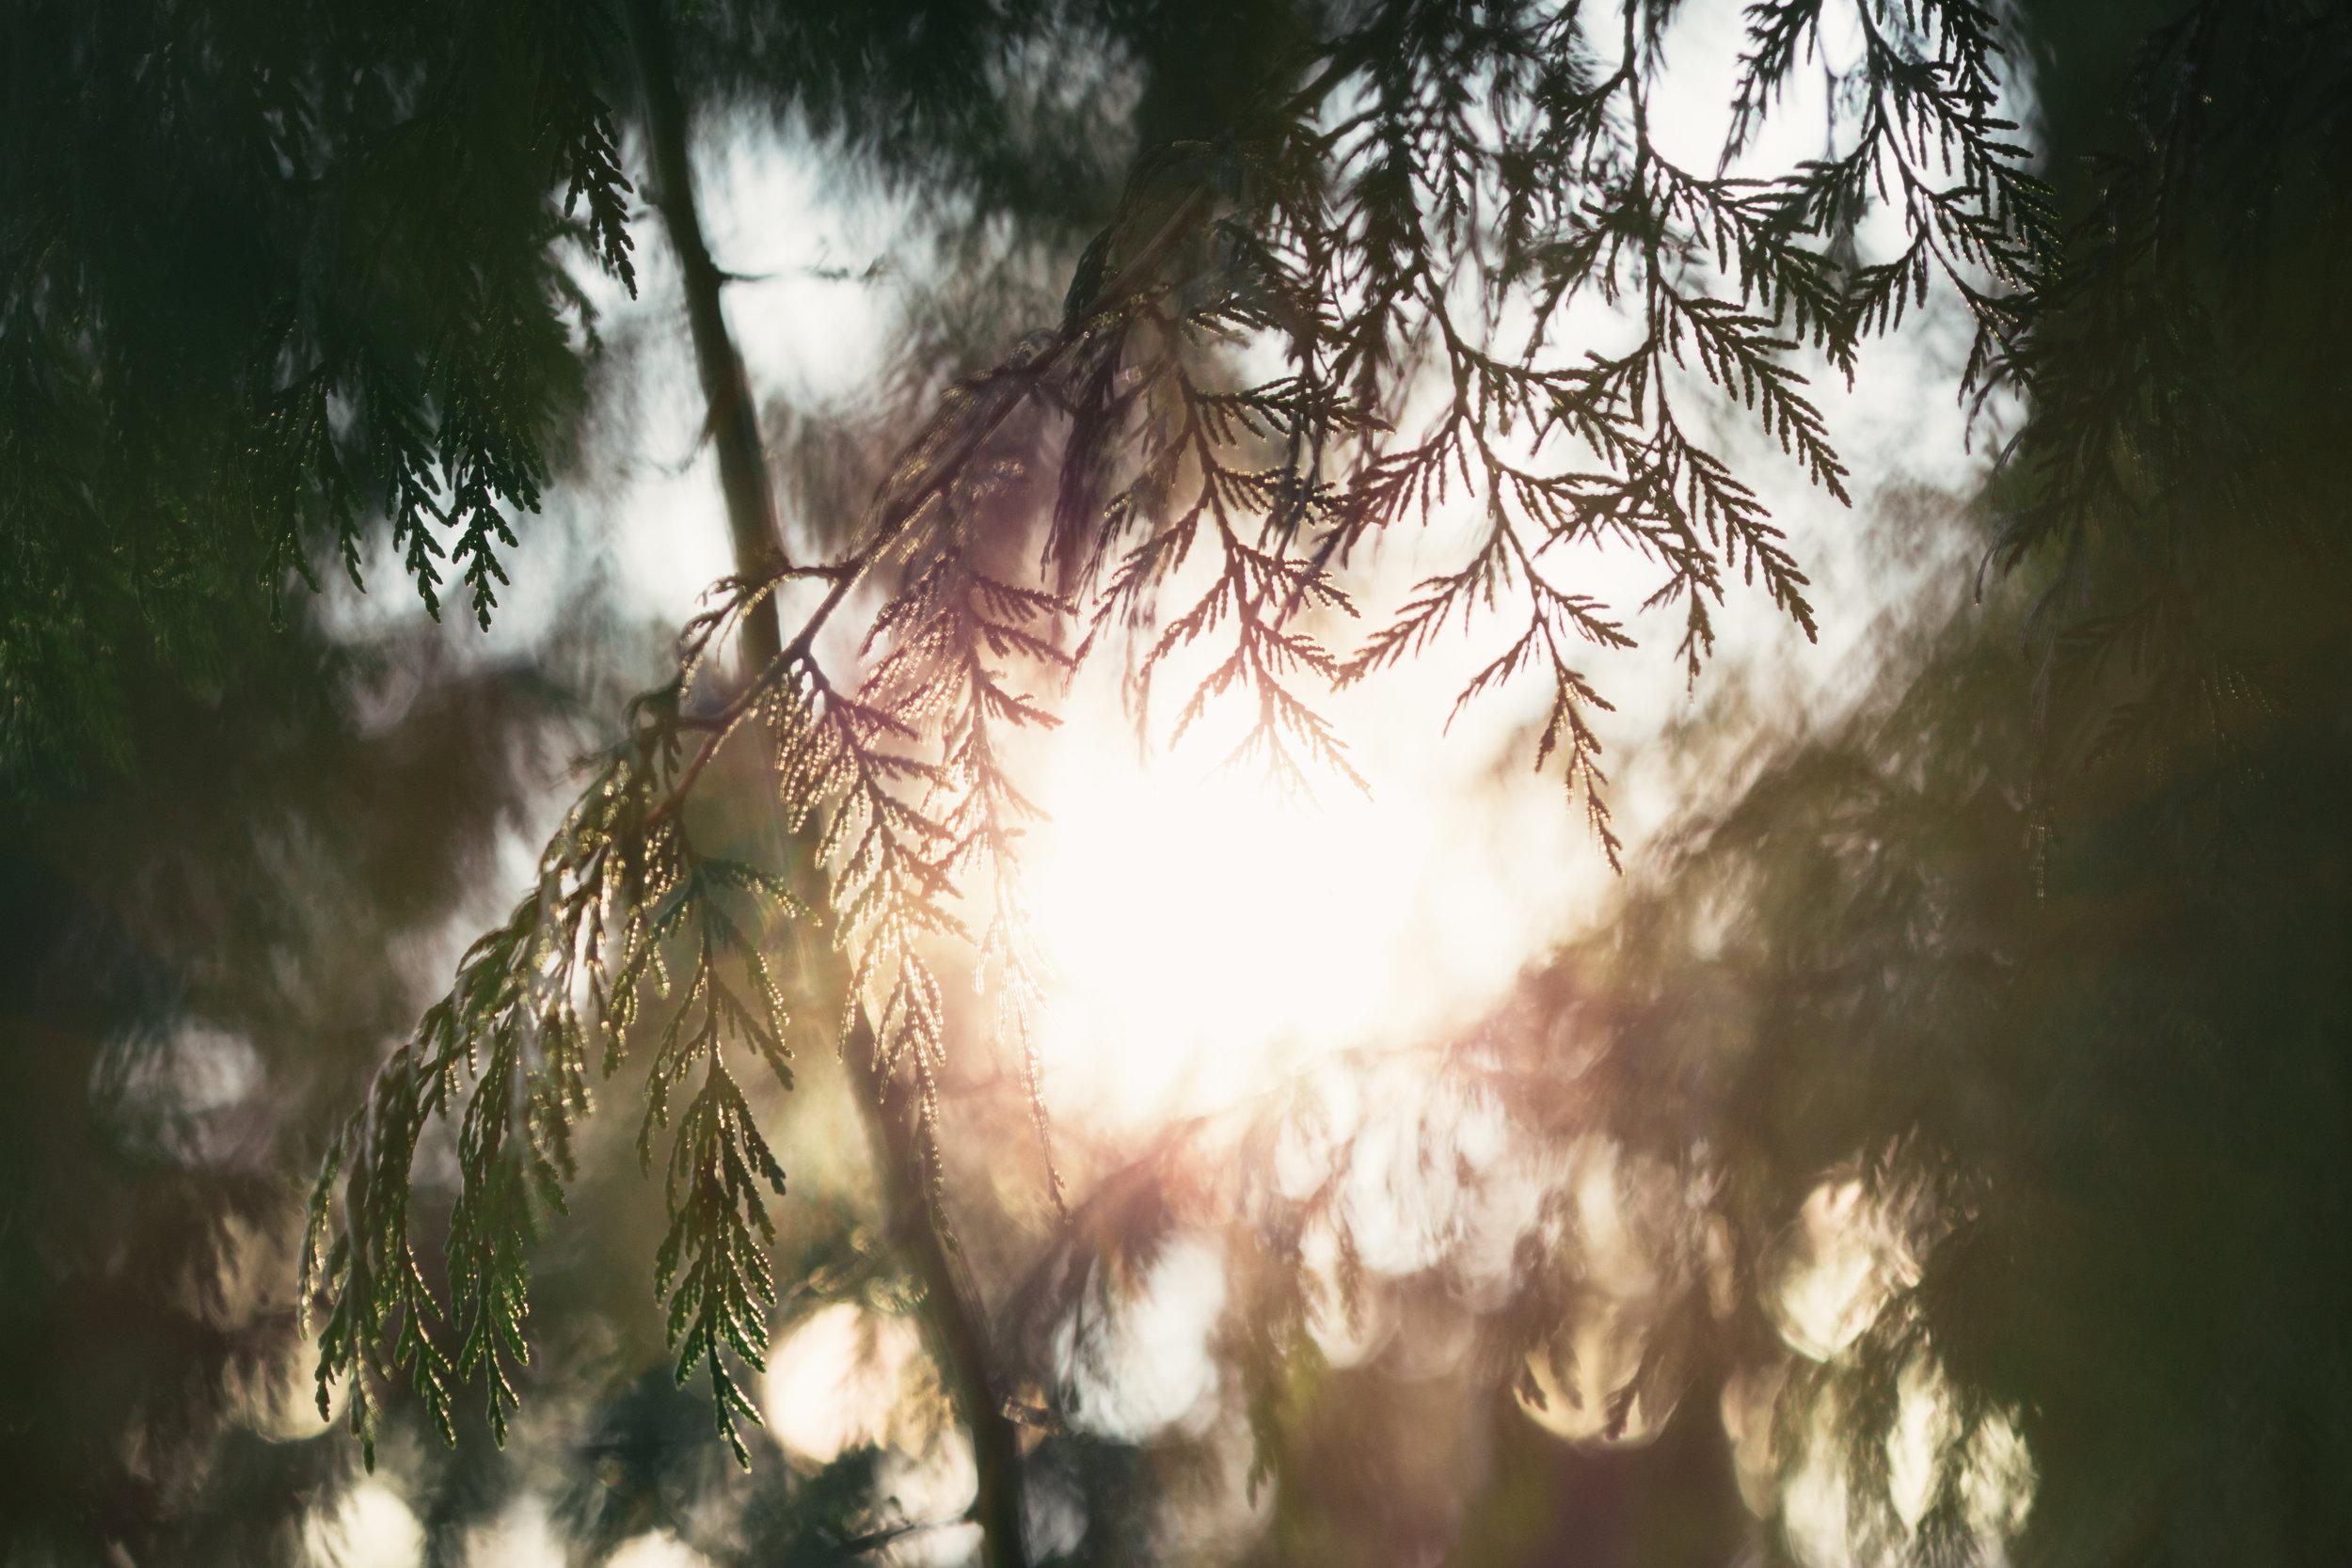 ESSENCE DE CEDRE DE VIRGINIE - Nom botanique : Juniperus VirginianaRégions productrices : Etats-Unis (Virginie et Texas)Famille Olfactive : BoiséeAdjectifs : terreux, résineux, crayon à papierNote de cœur-fond